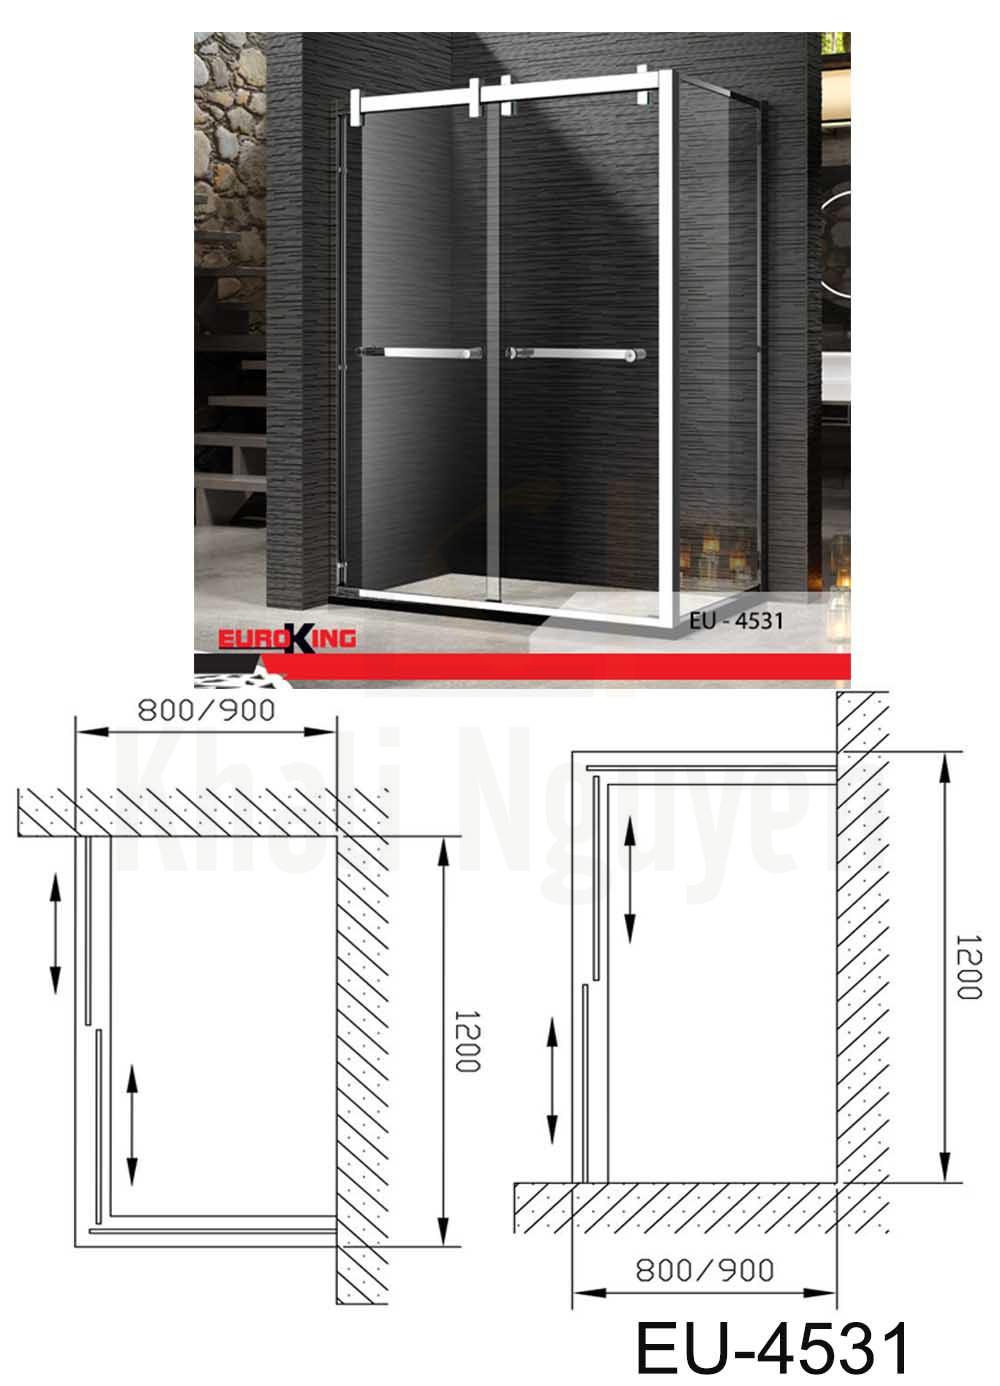 Bản vẽ kỹ thuật phòng tắm vách kính Euroking EU- 4531